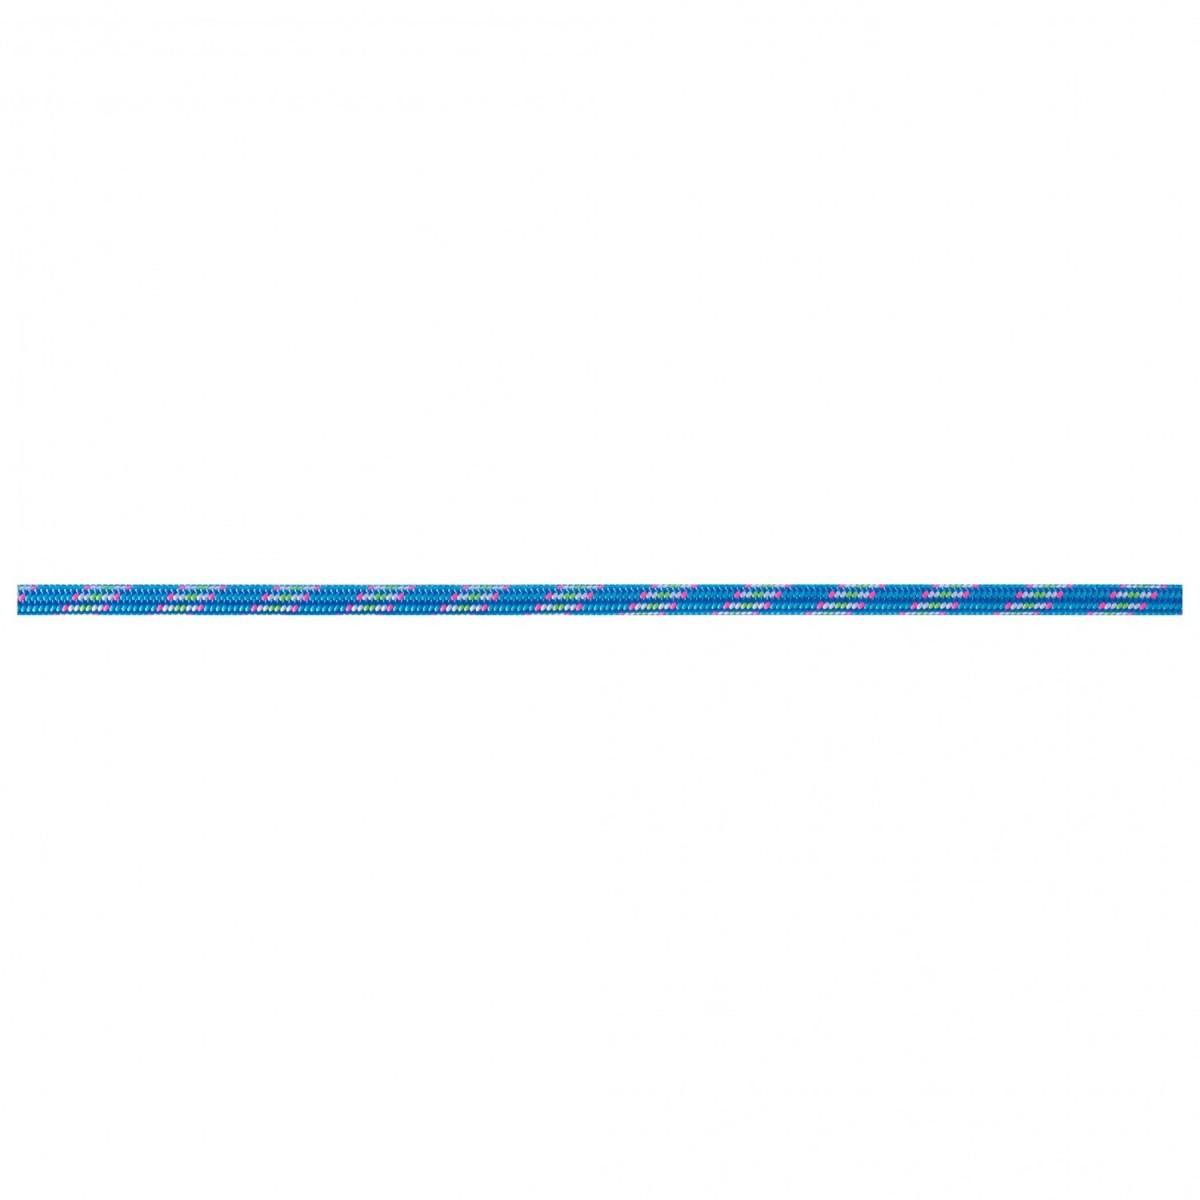 BEAL べアール Ice Line 8.1 mm(60m - Blue)★ロープ・ザイル・登山・クライミング★